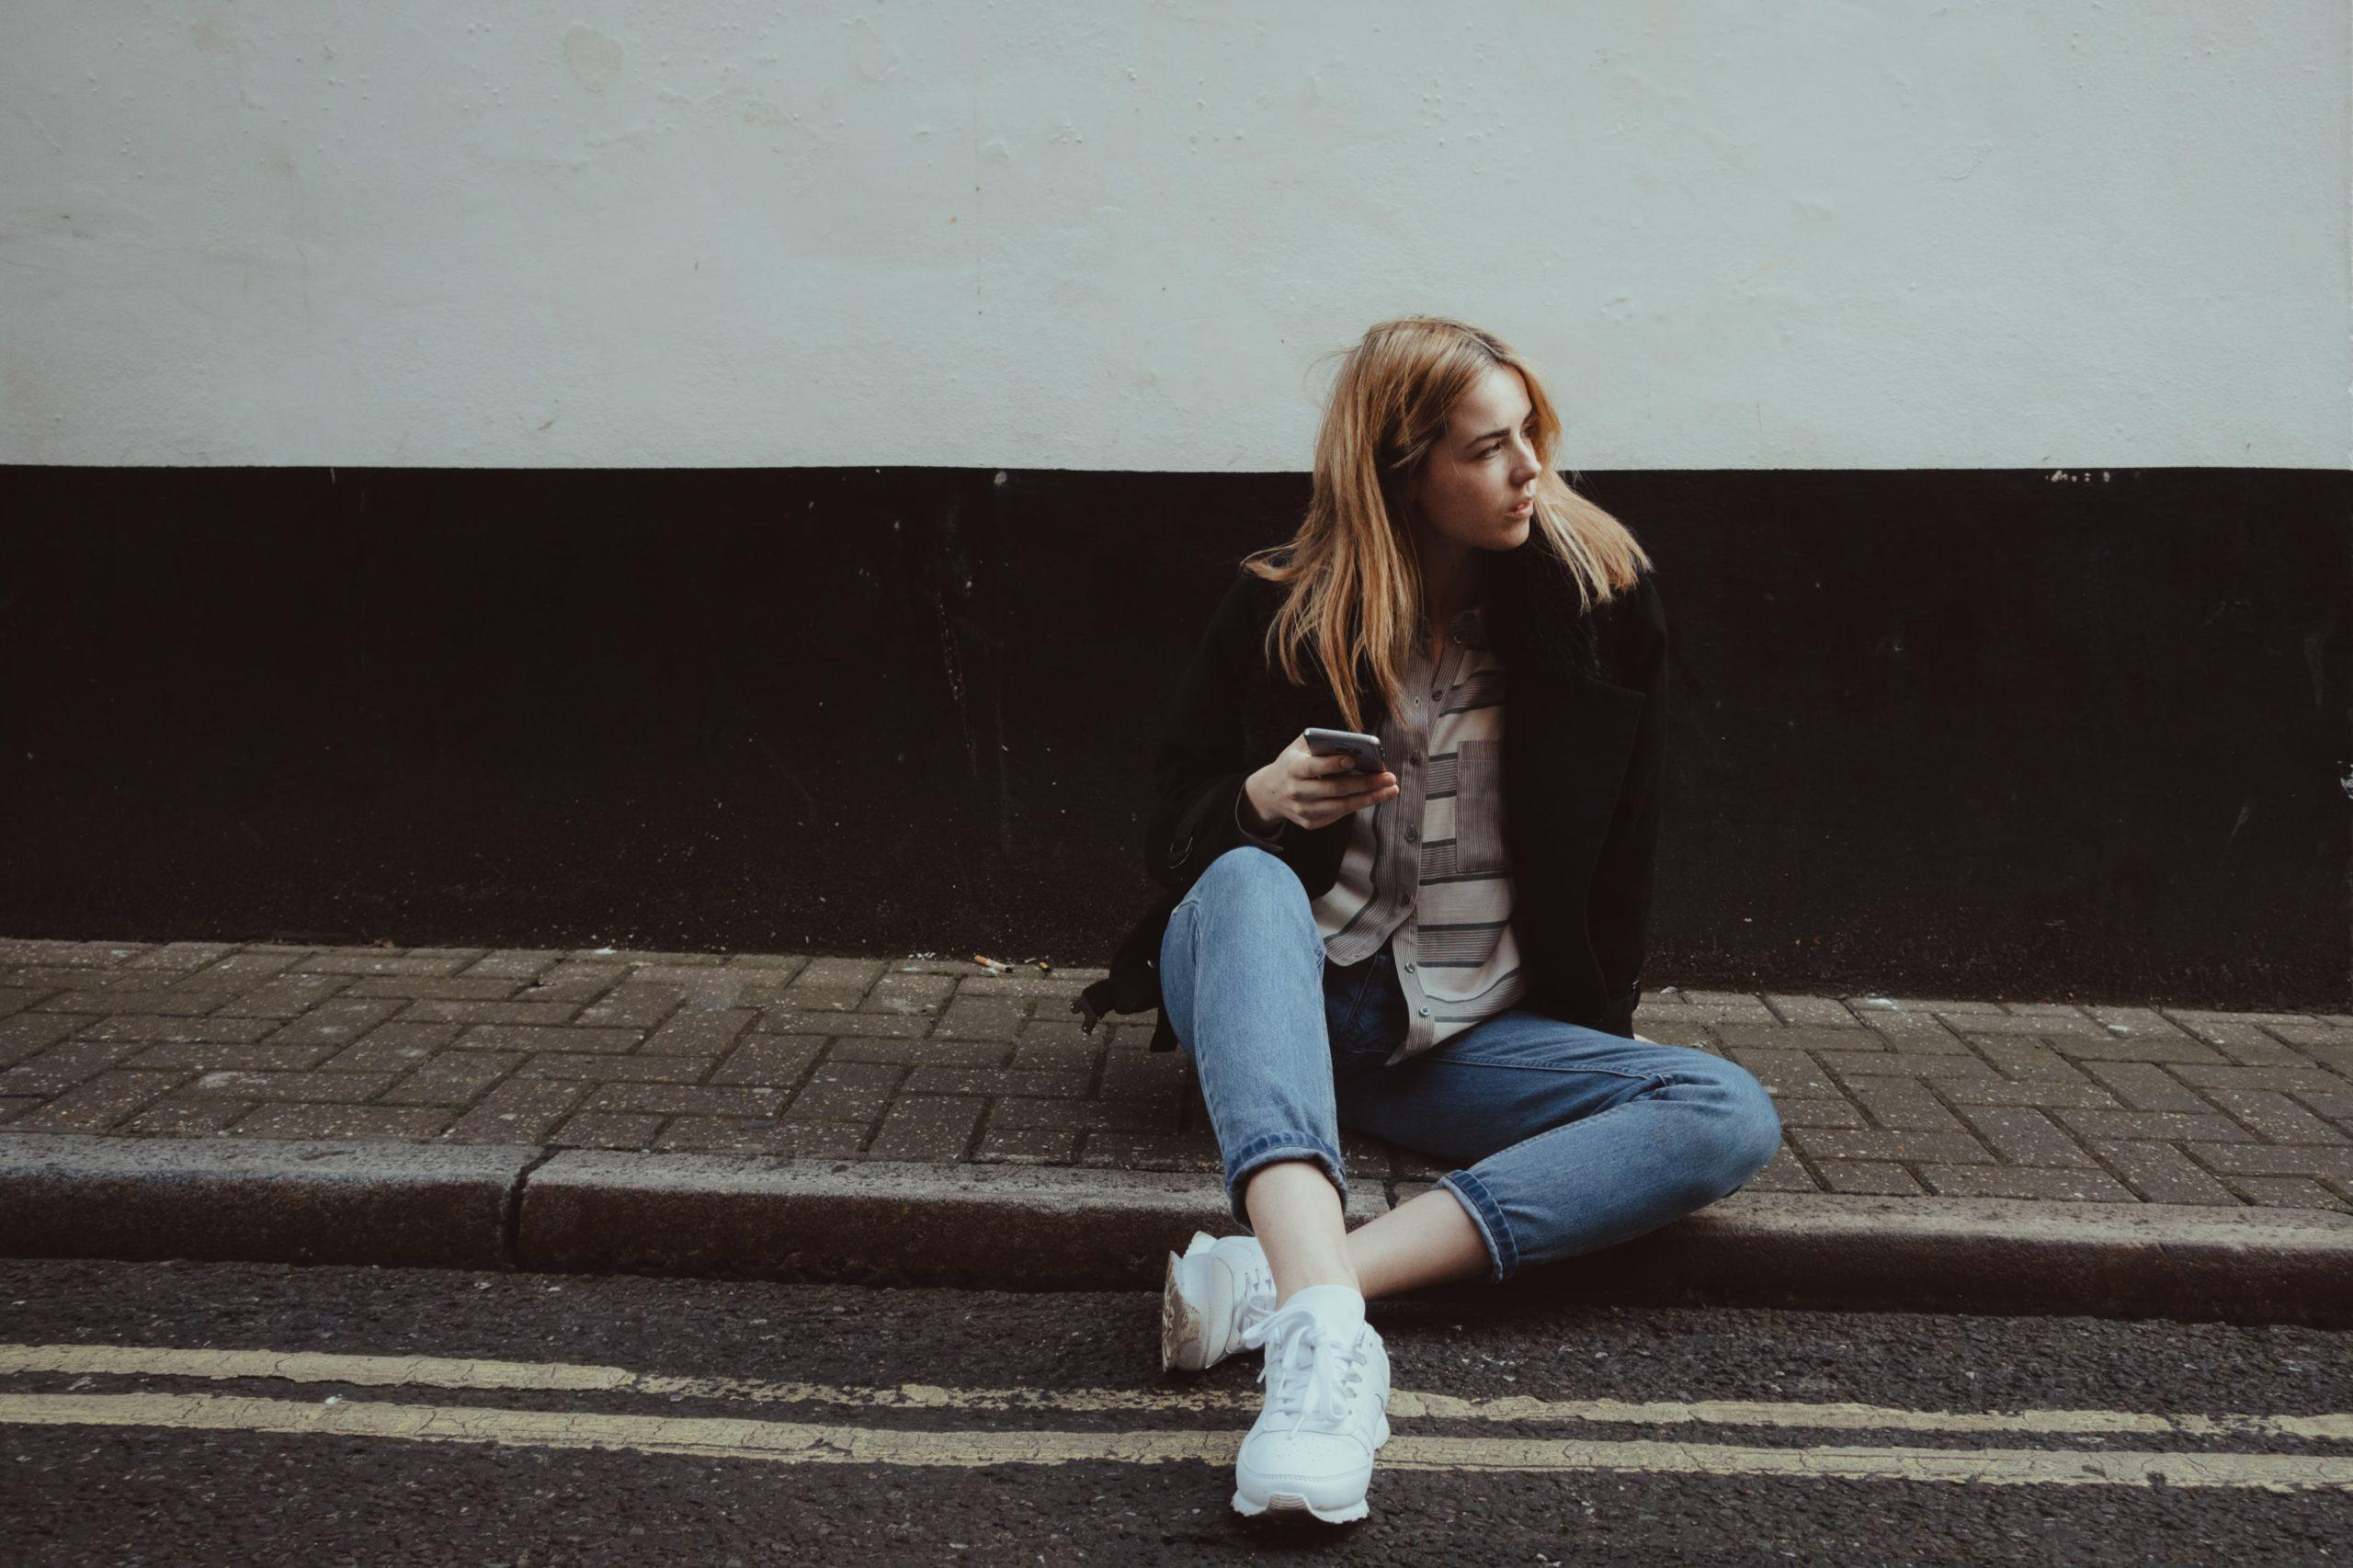 スマホを持って座っている女性の画像